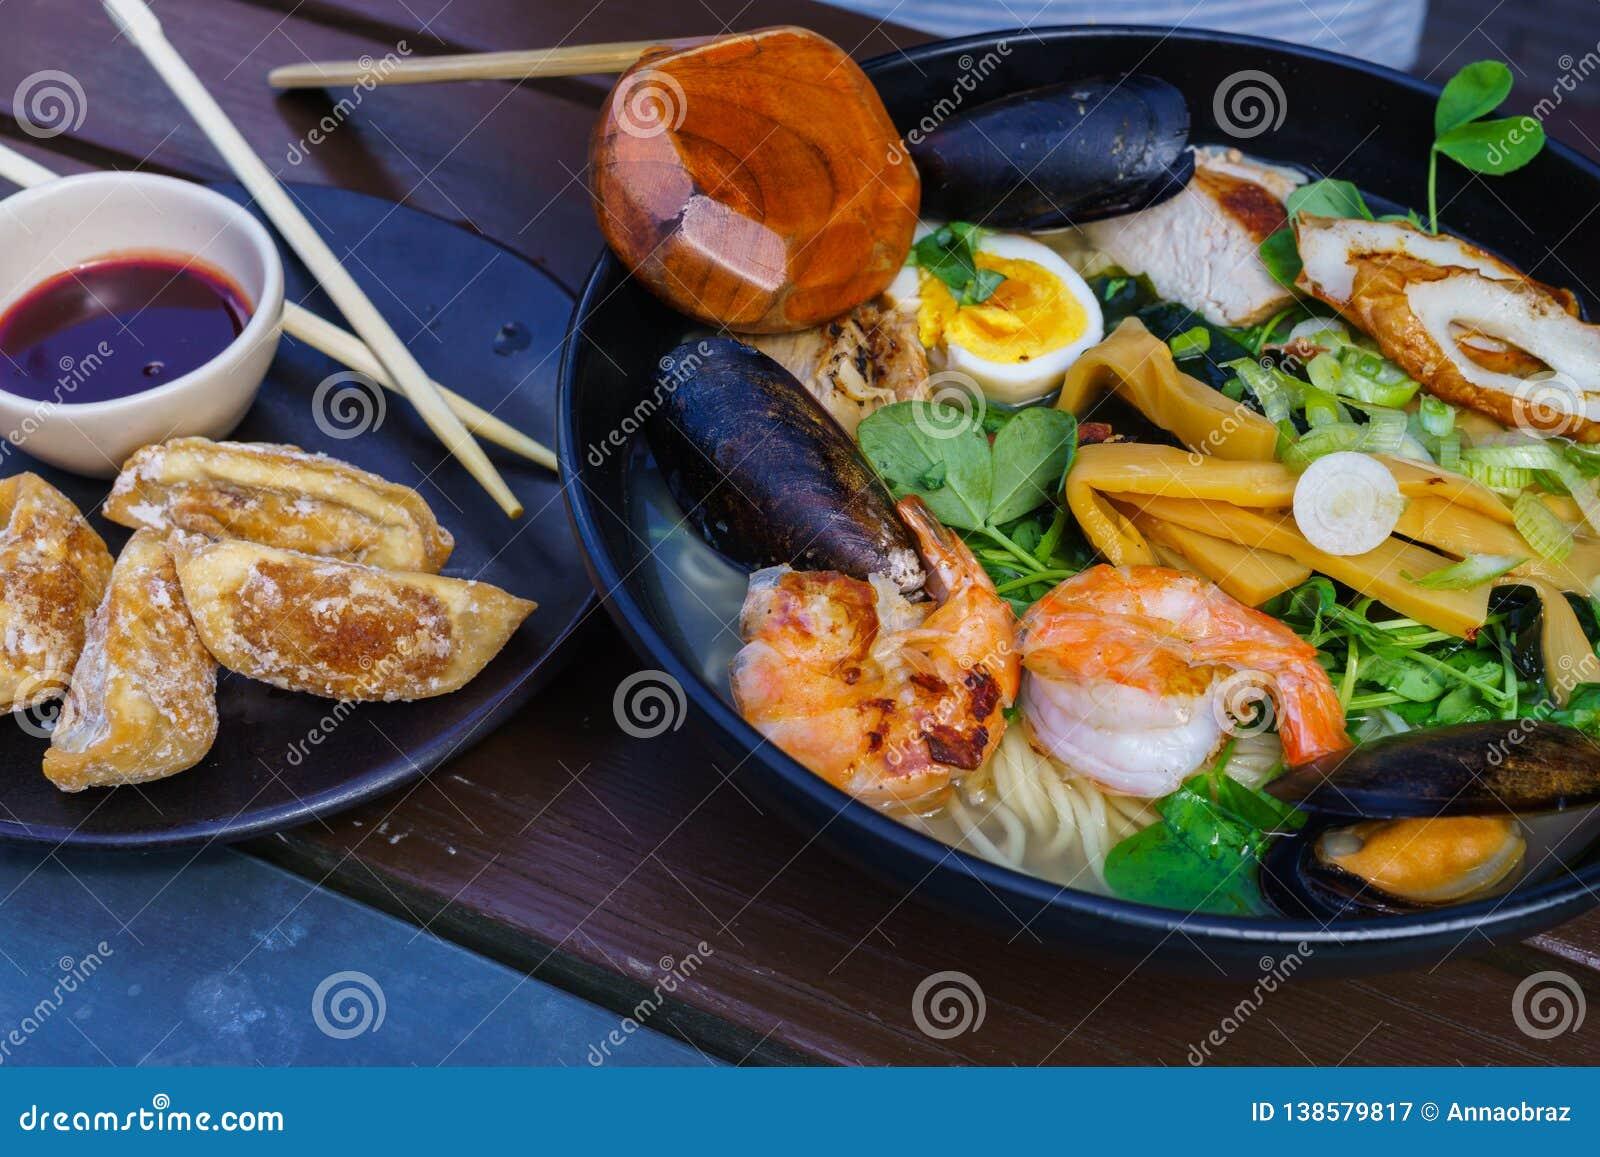 Nudelsoppa med skaldjur inklusive musslor, räkor, tioarmade bläckfiskar, ägg och grönsaker